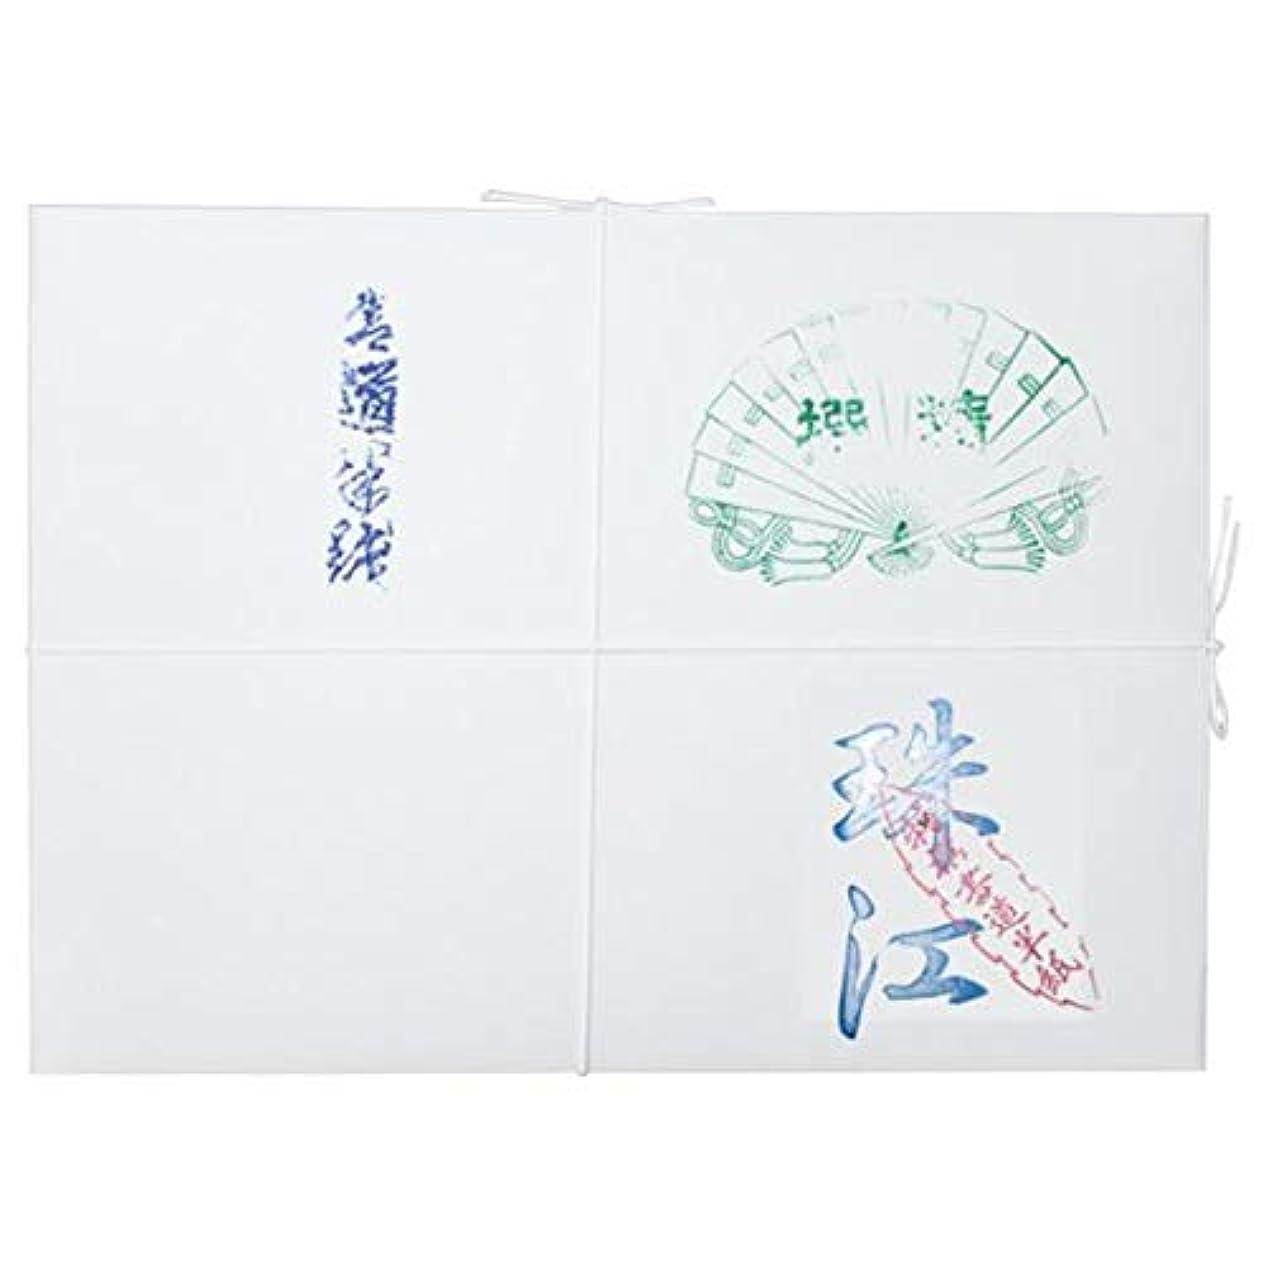 ミントアルコール乳白色漢字用半紙 1000枚 珠江?AA531